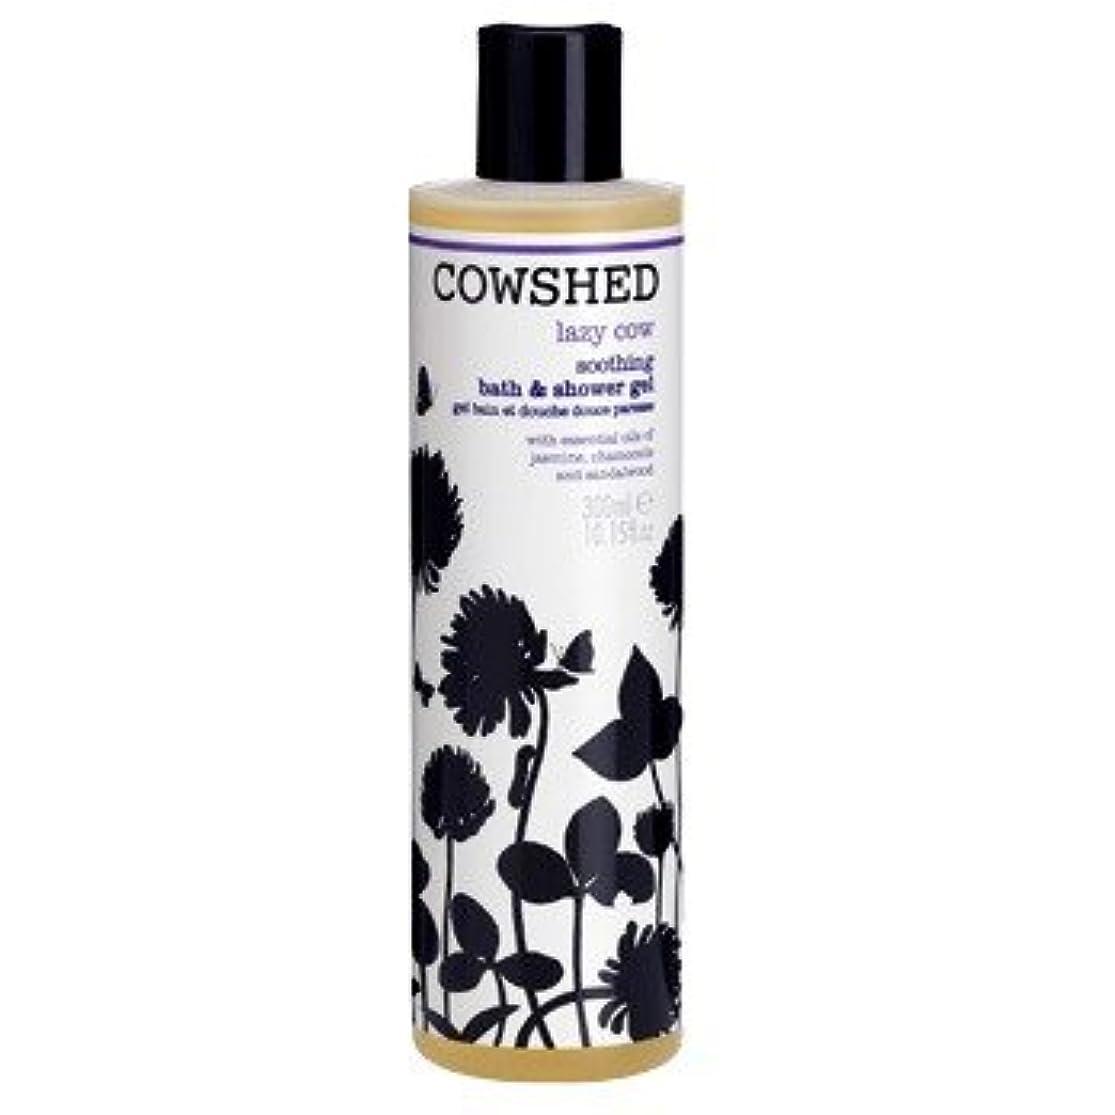 スケジュールお世話になったかもしれない牛舎怠惰な牛心地よいバス&シャワージェル300ミリリットル (Cowshed) - Cowshed Lazy Cow Soothing Bath & Shower Gel 300ml [並行輸入品]